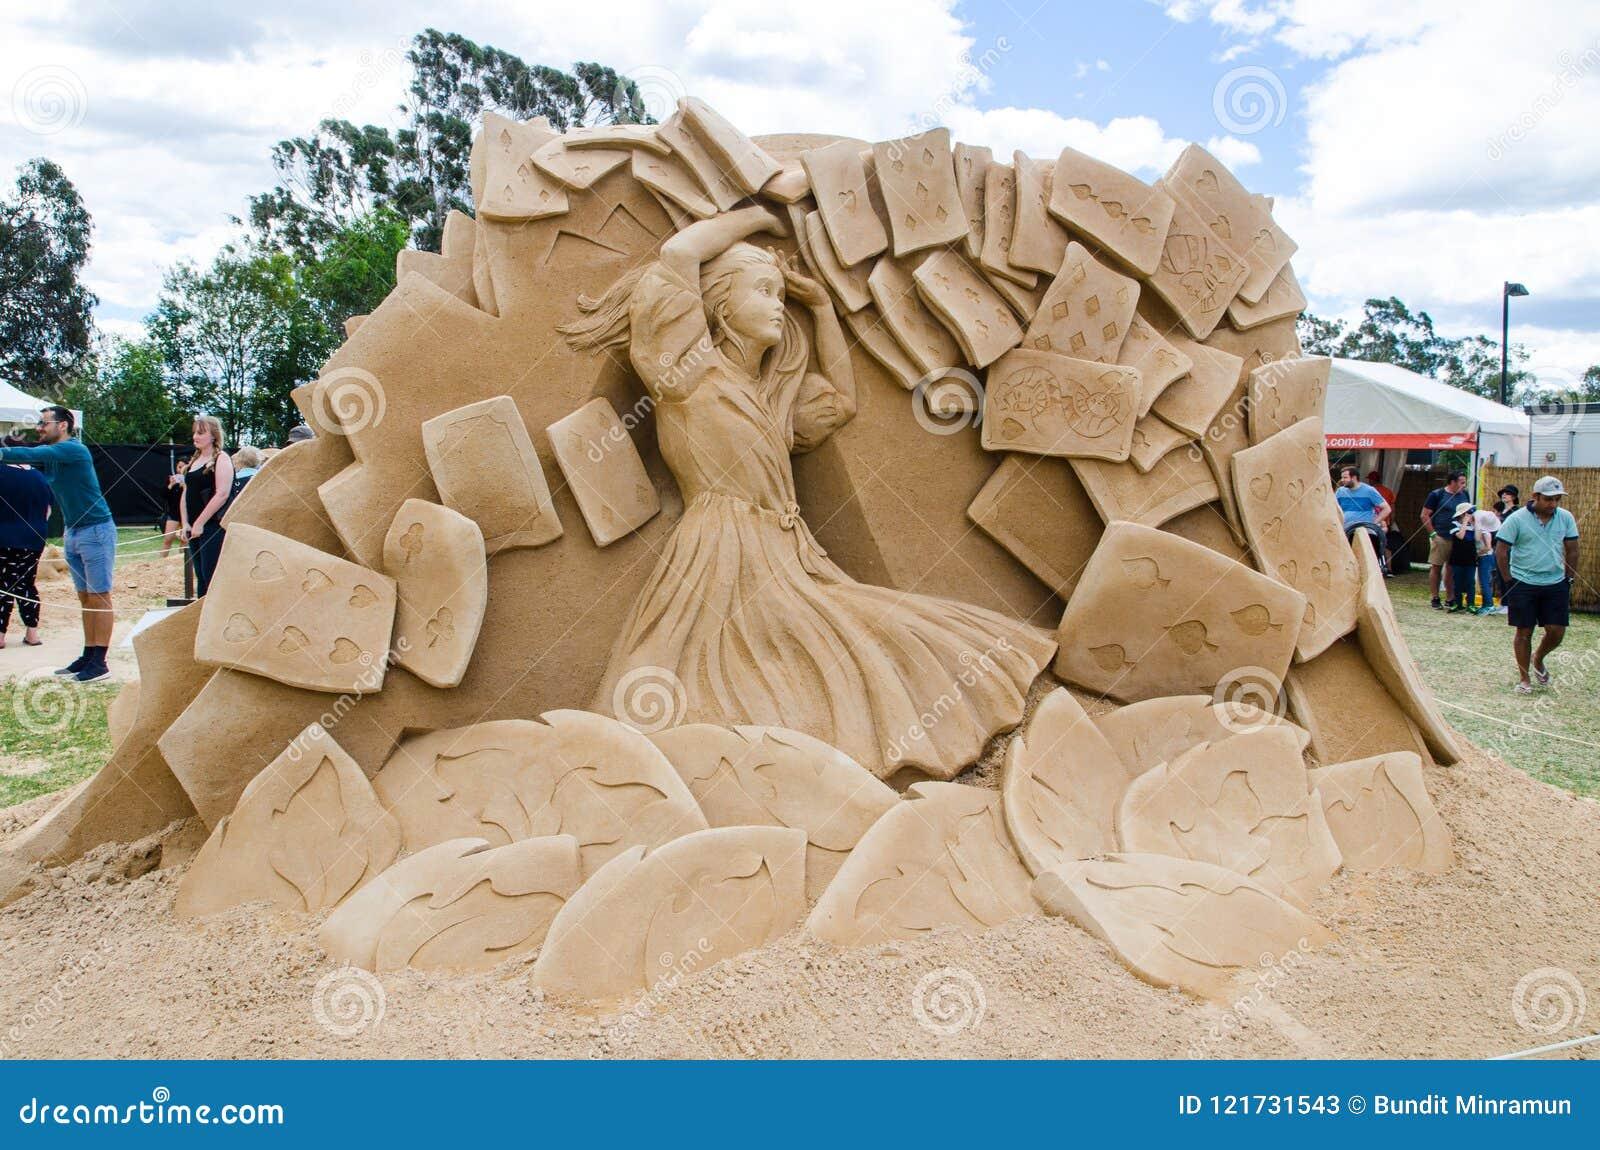 Beautiful Sand Sculpture `Card Soldiers` in Wonderland exhibition, at Blacktown Showground.